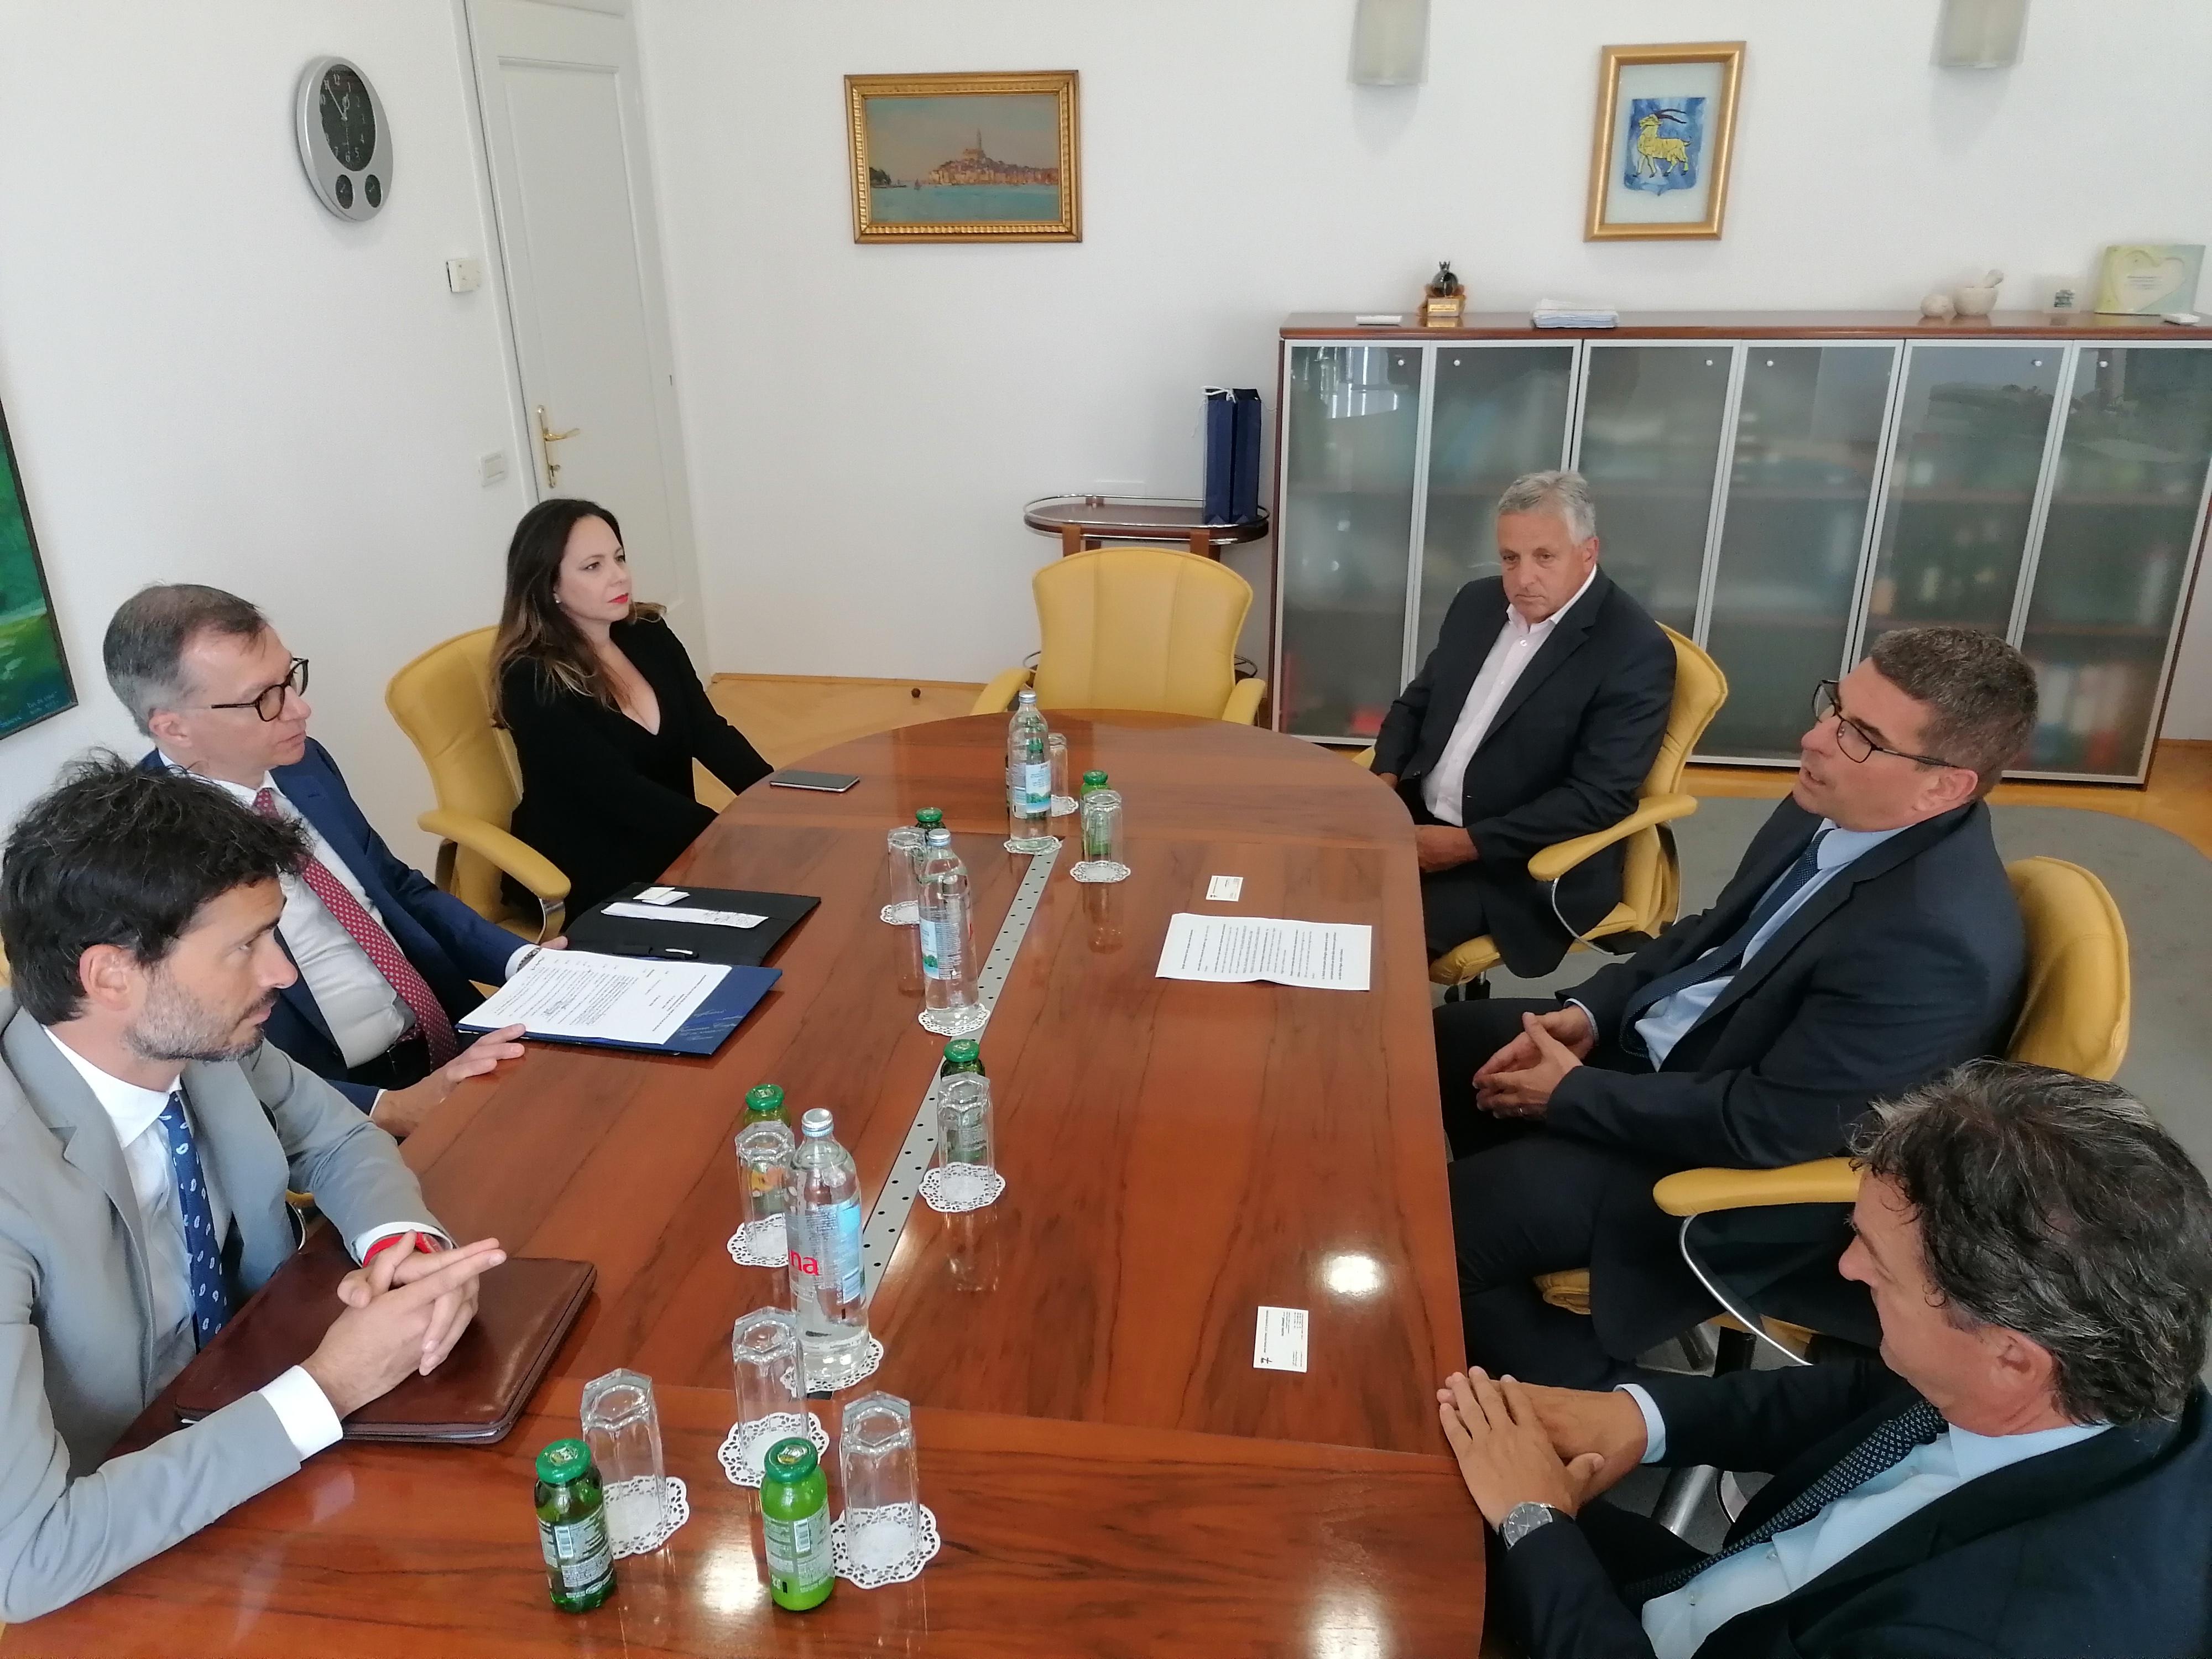 Održan prijem za veleposlanika i generalnog konzula Republike Italije